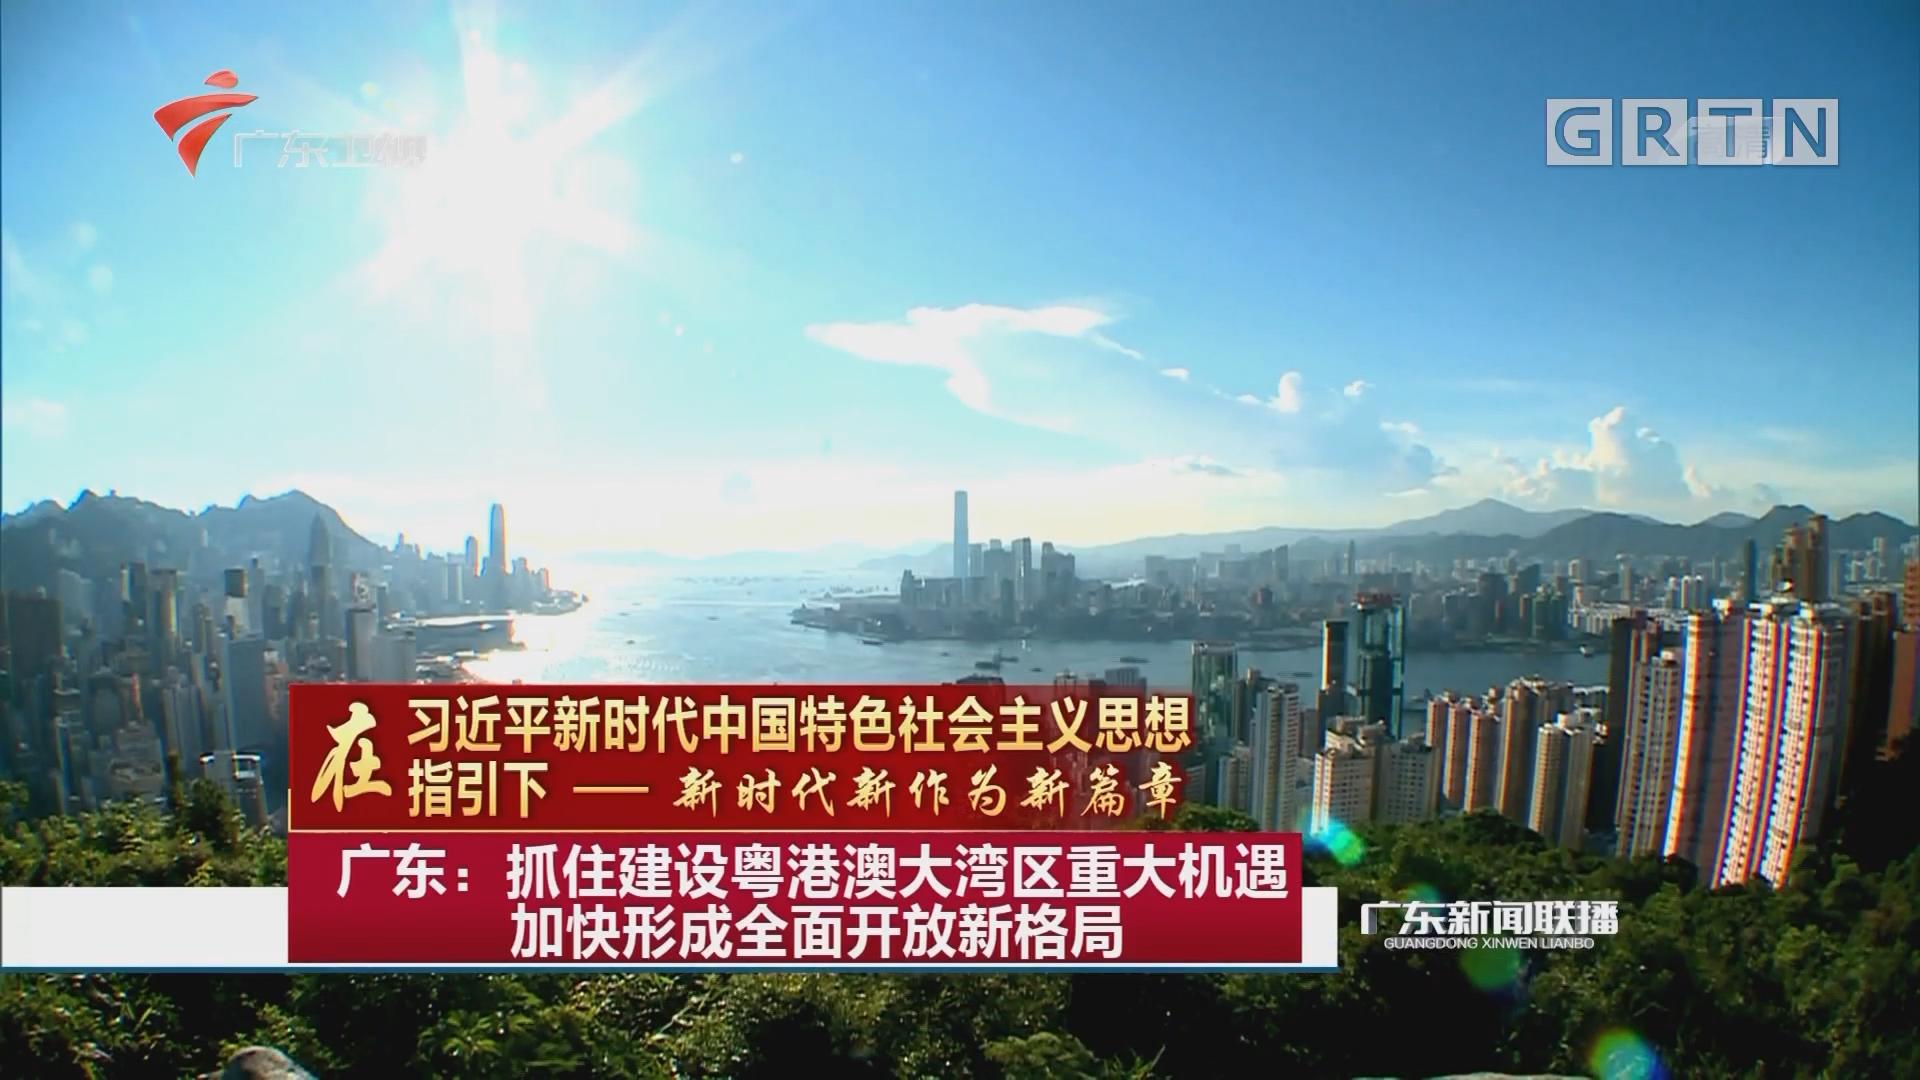 广东:抓住建设粤港澳大湾区重大机遇加快形成全面开放新格局